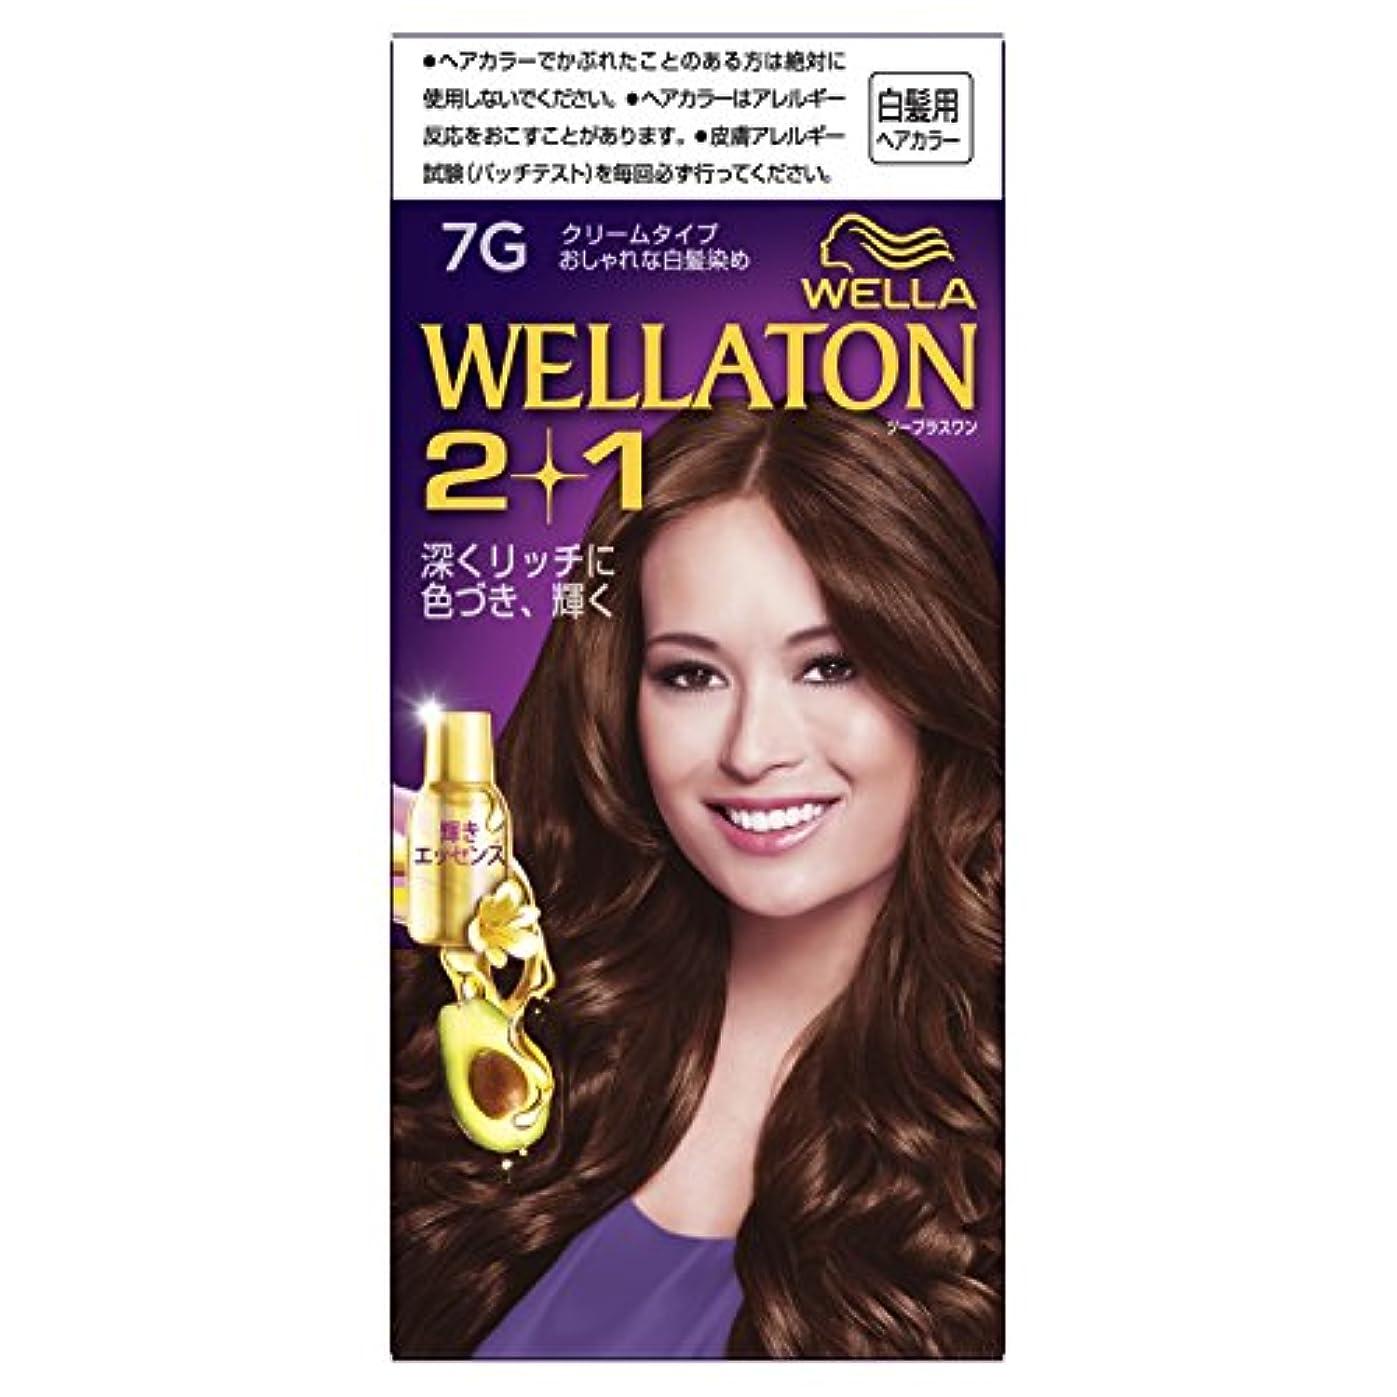 パトロールトリプルかごウエラトーン2+1 クリームタイプ 7G [医薬部外品](おしゃれな白髪染め)